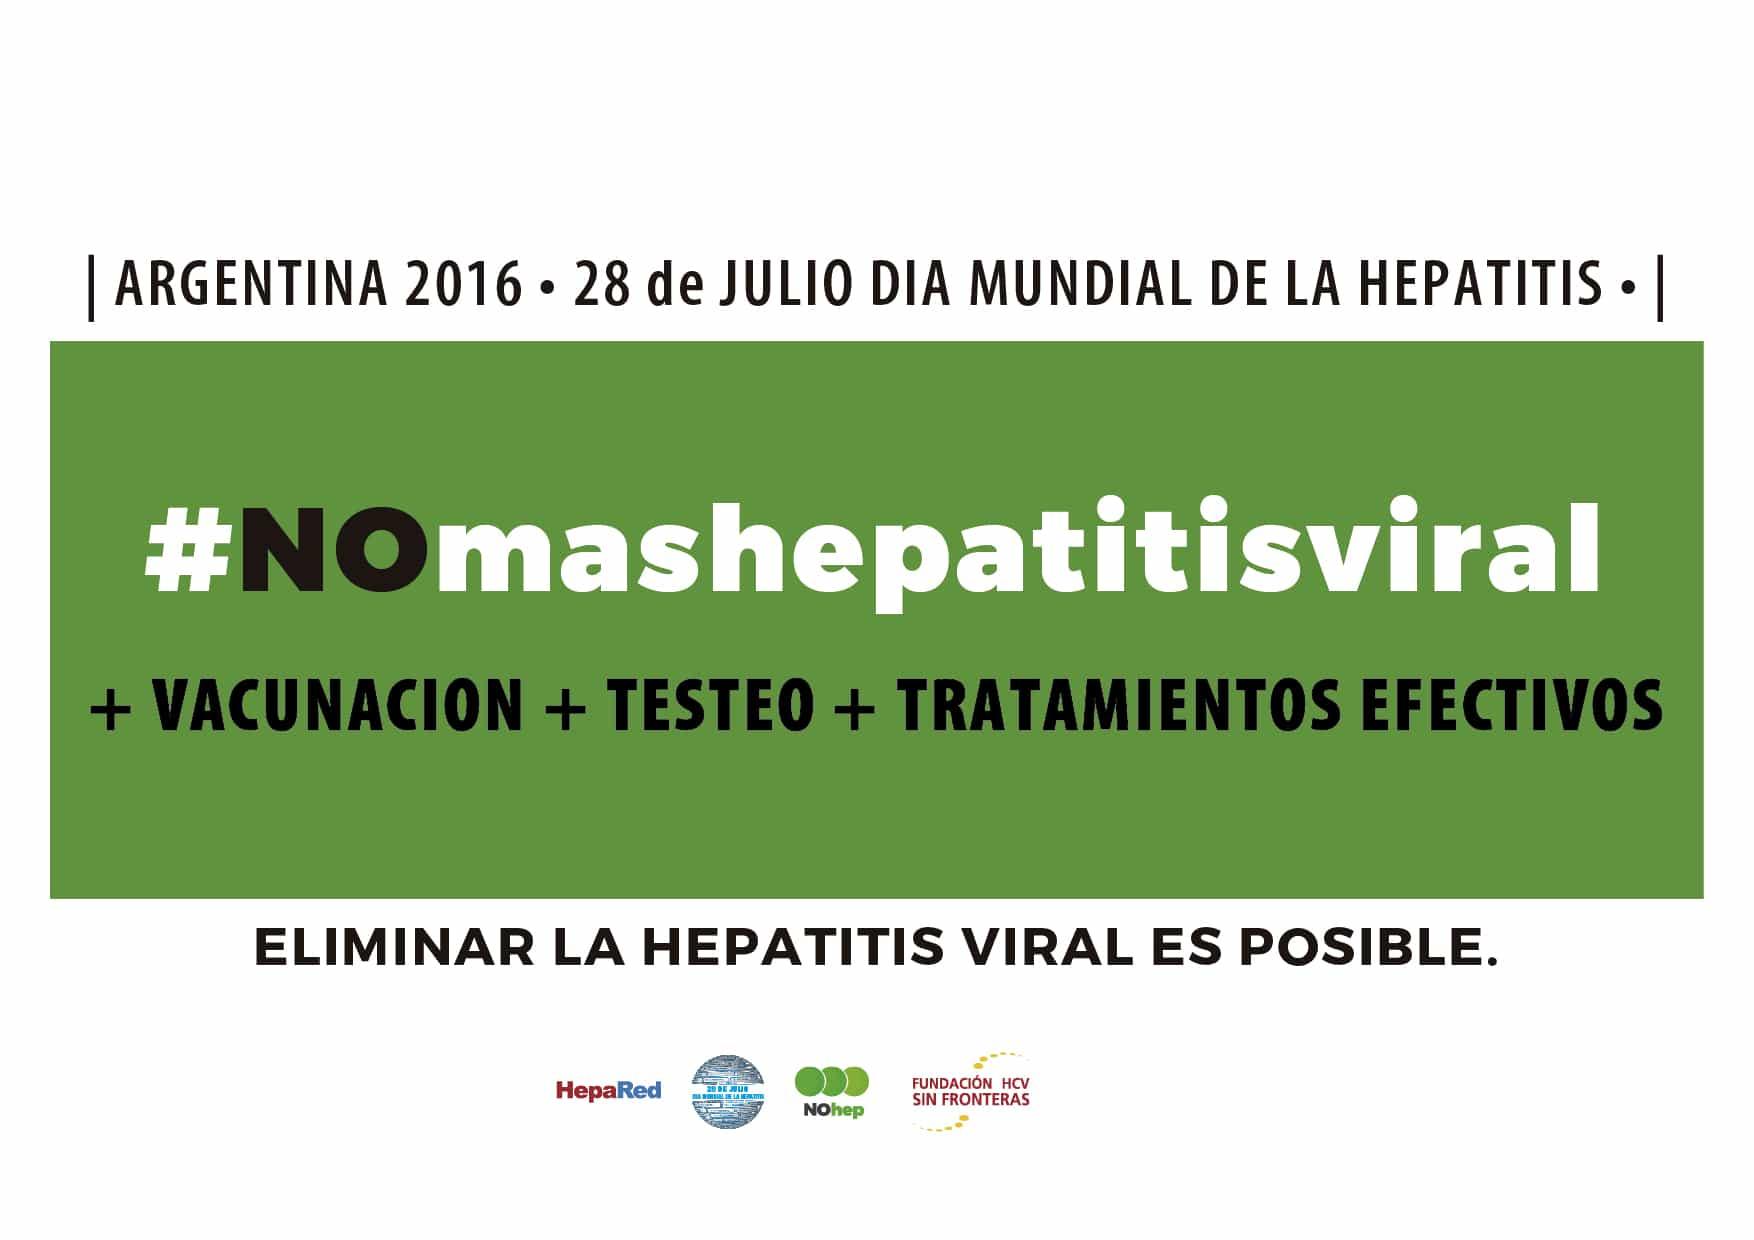 HCV Sin Fronteras en acción – DMH 2016 – Materiales, redes sociales, afiches hospitales y más